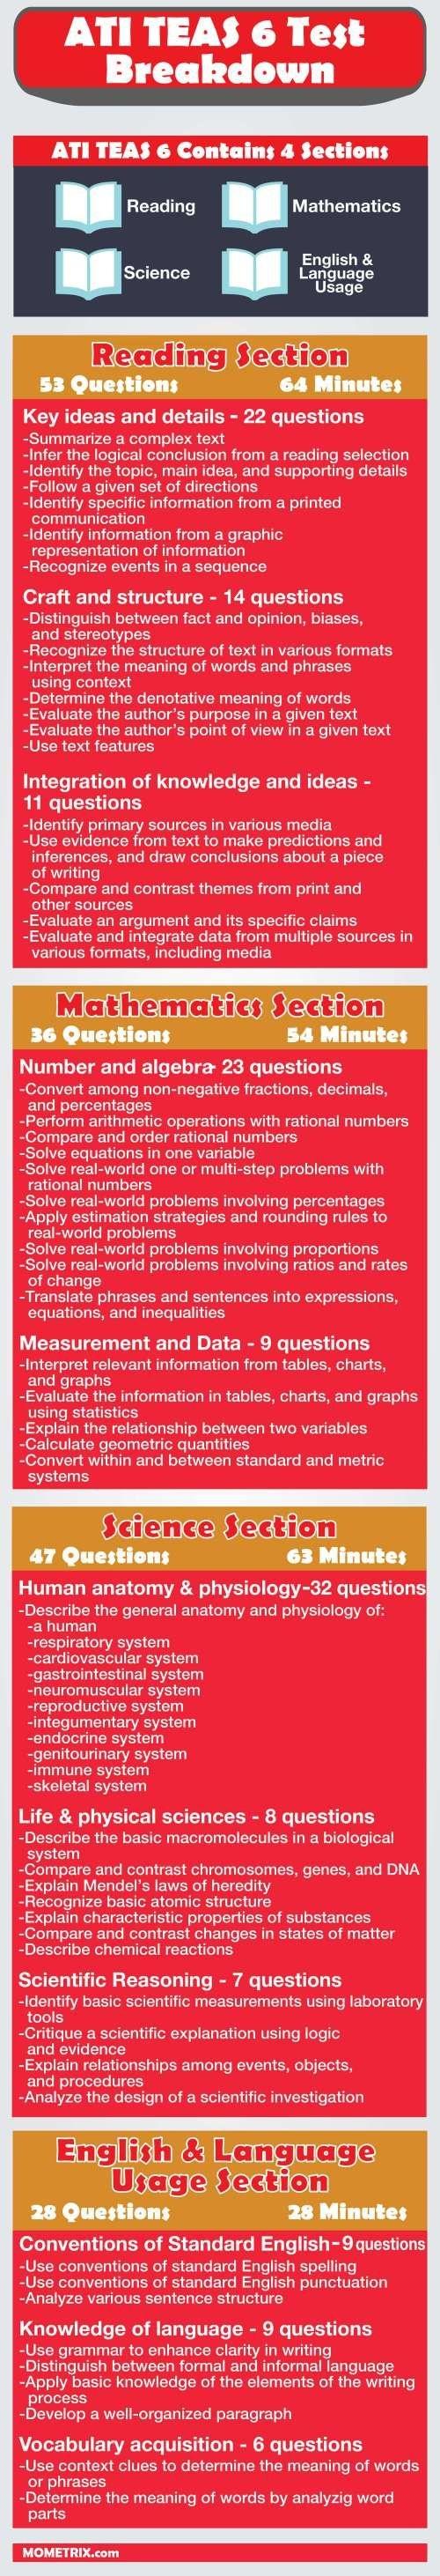 Ati Teas 6 Test Outline [Infographic]   Teas Test Study Guide   Ati - Free Printable Teas Test Study Guide